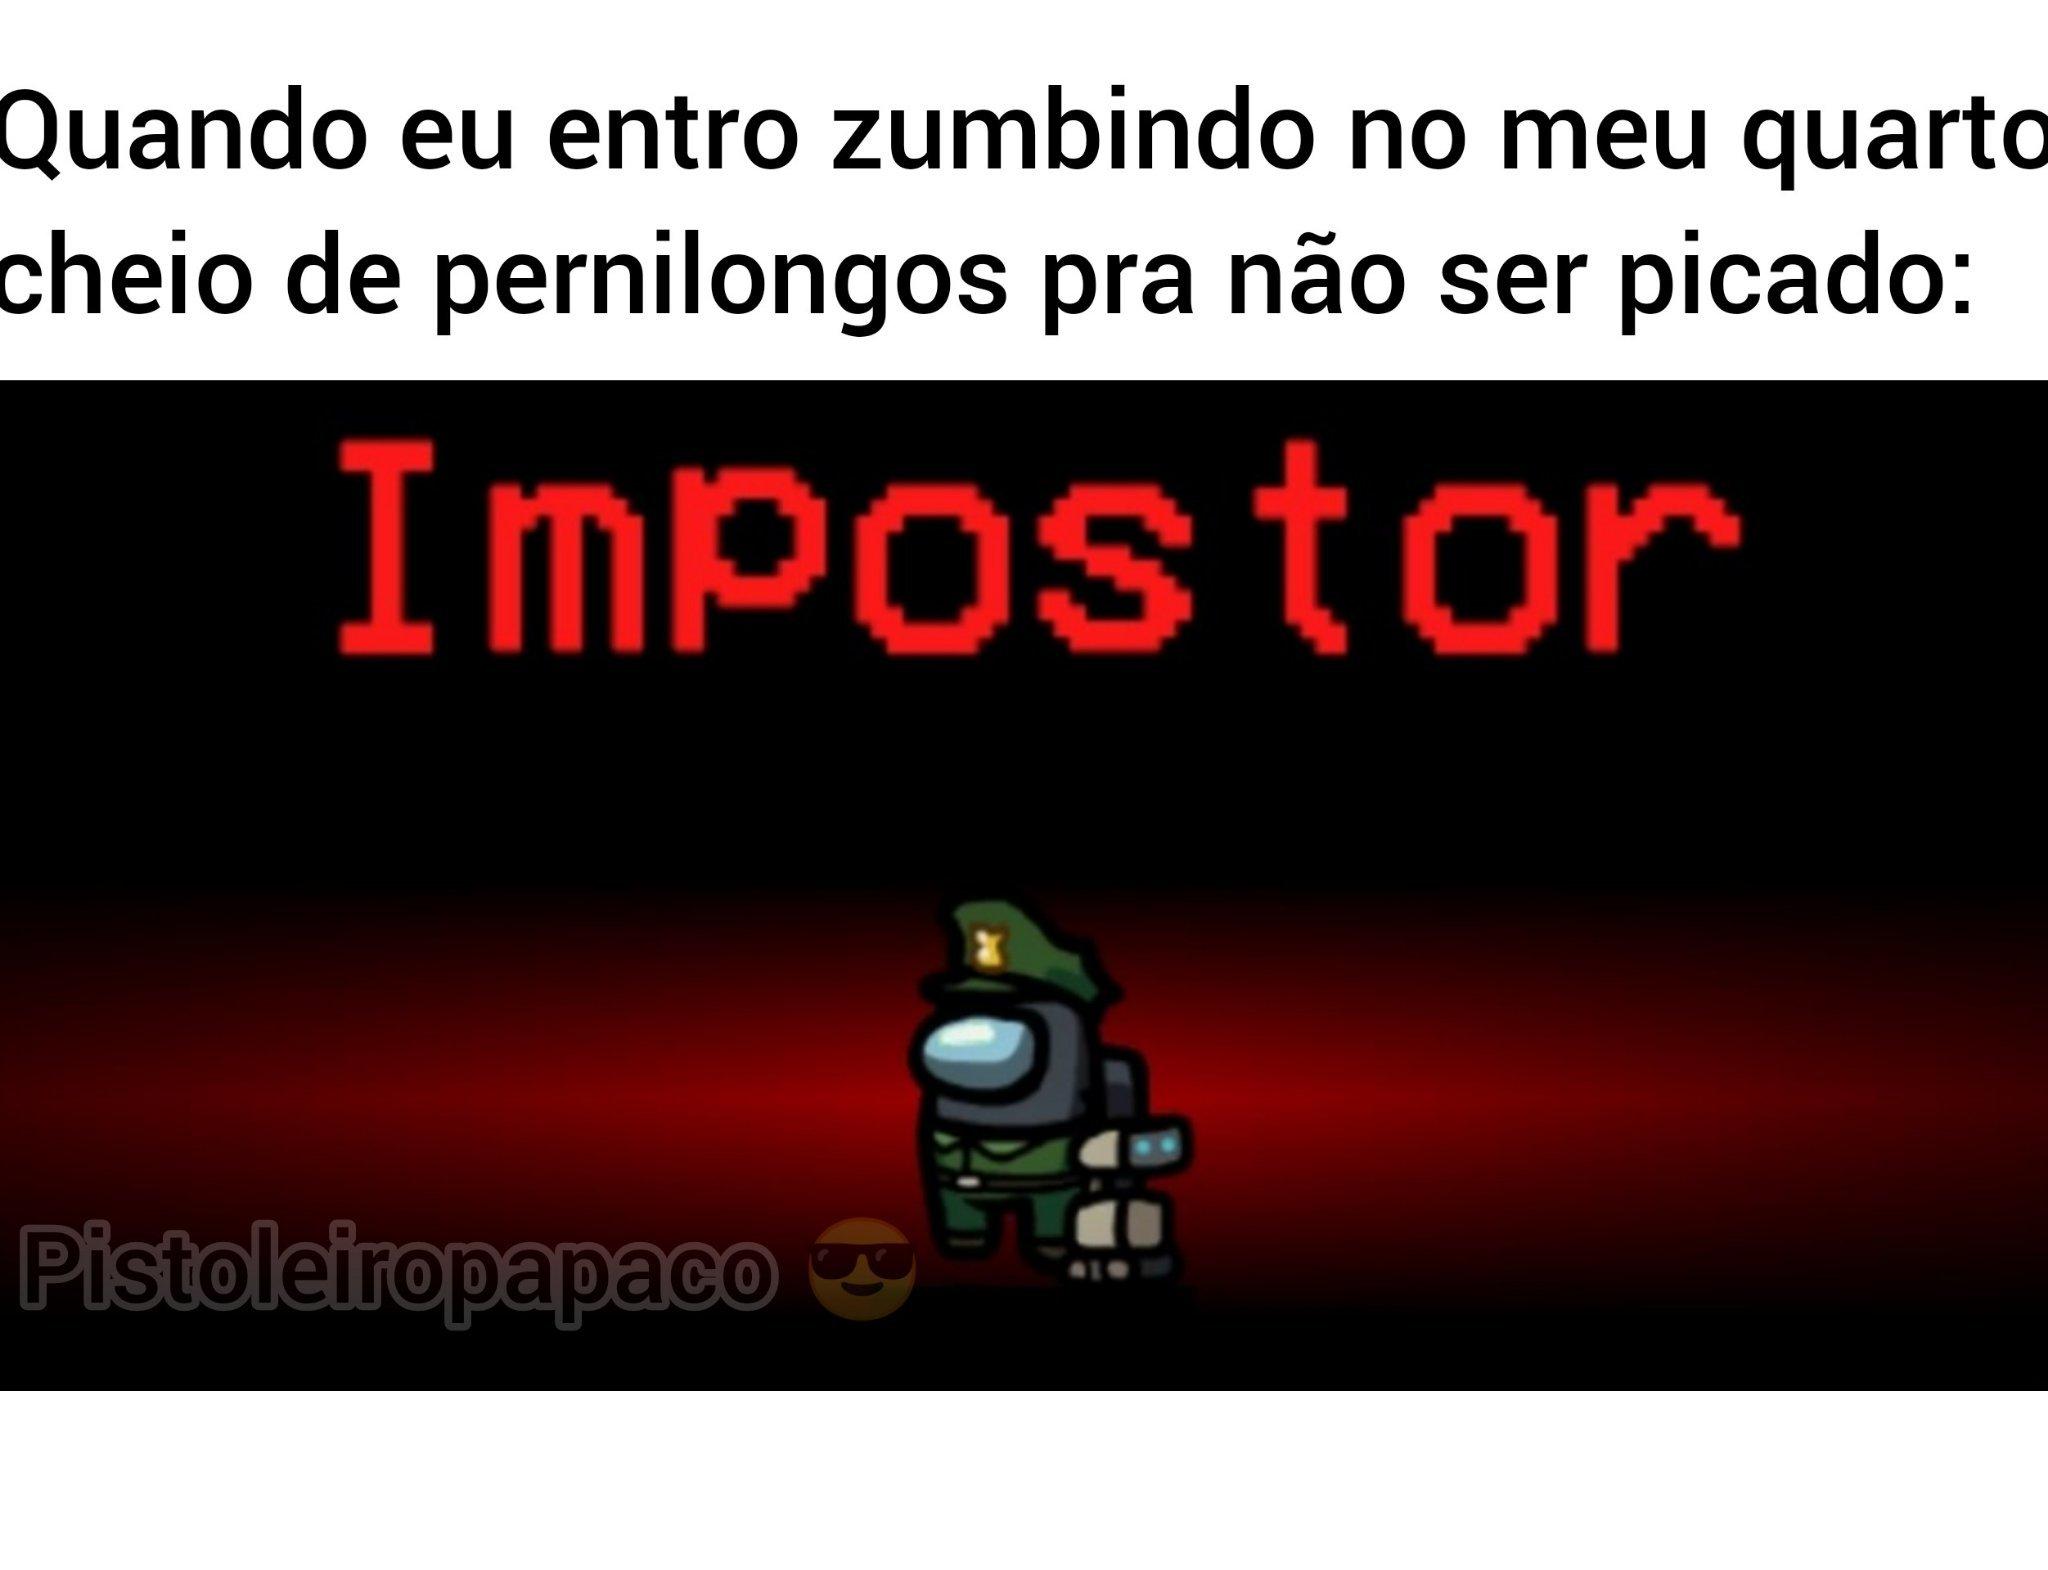 Impostor kkkkk - meme